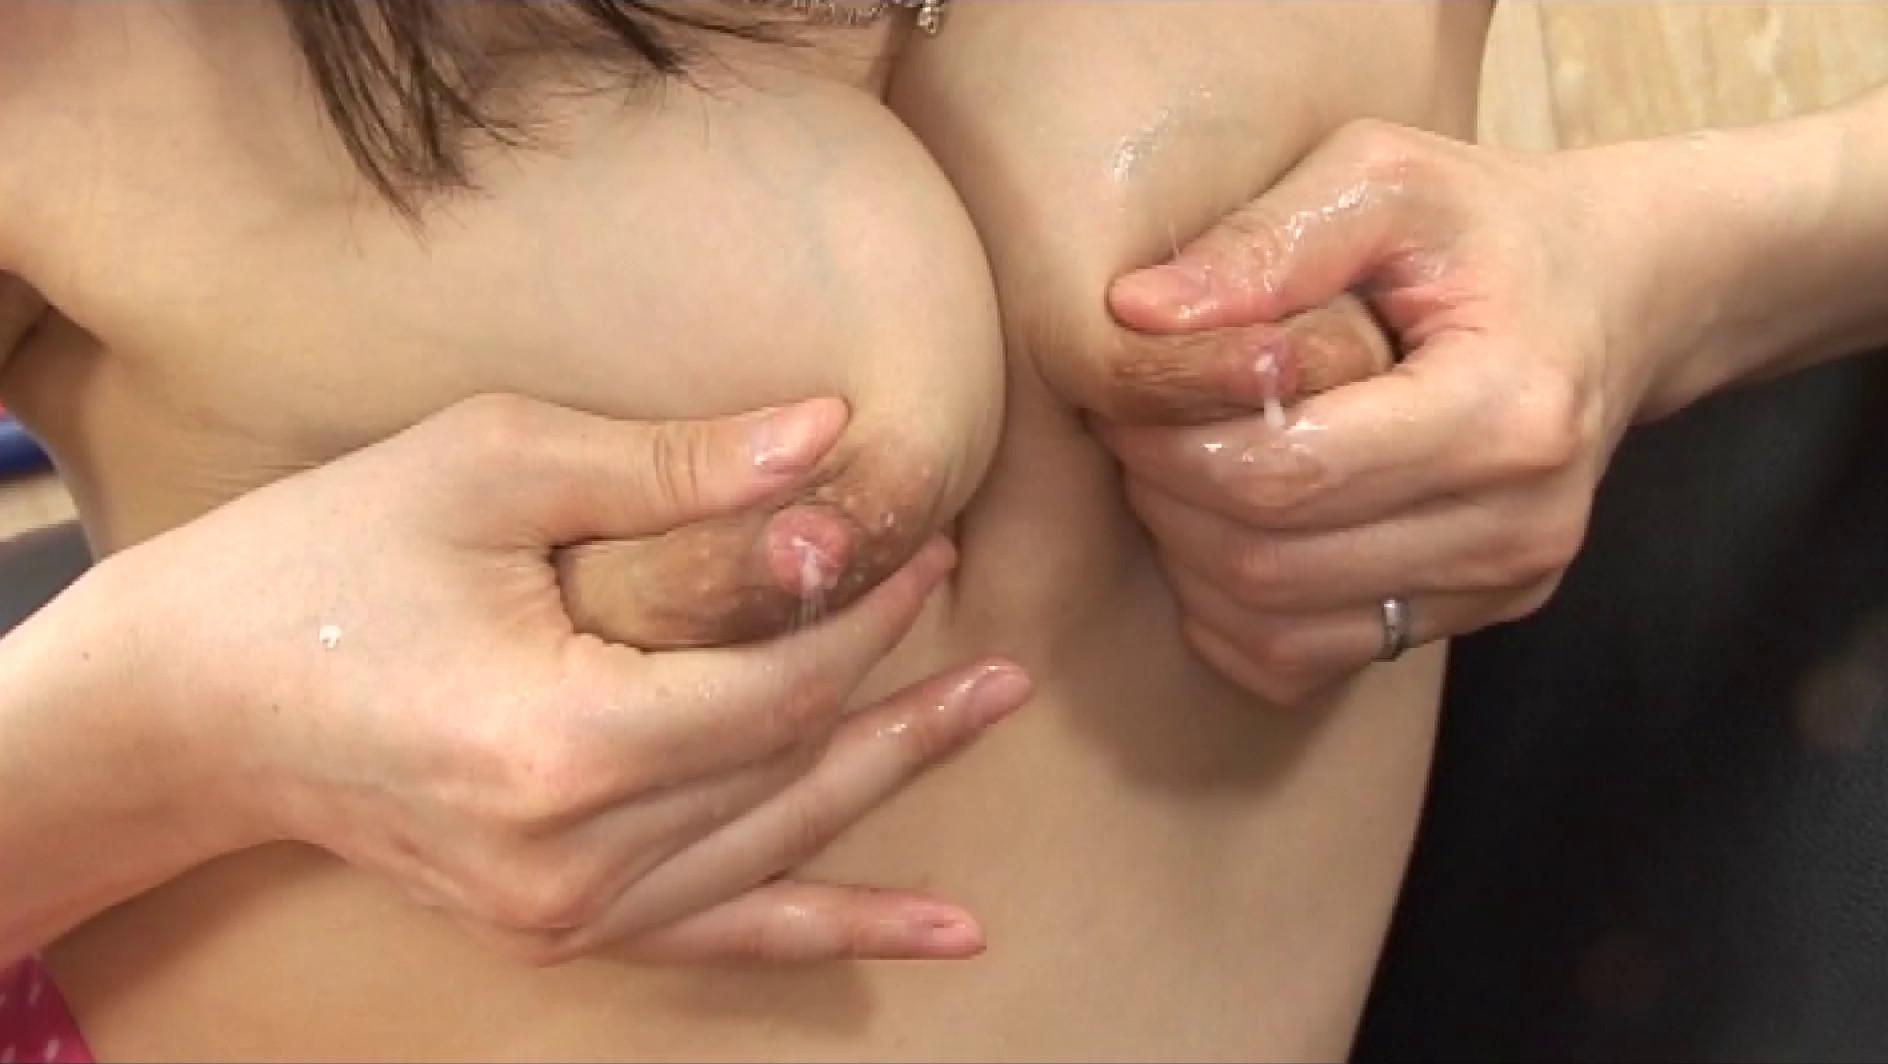 もの凄い母乳 搾乳SEX 飲乳ねぶり 母乳手コキフェラ 画像5